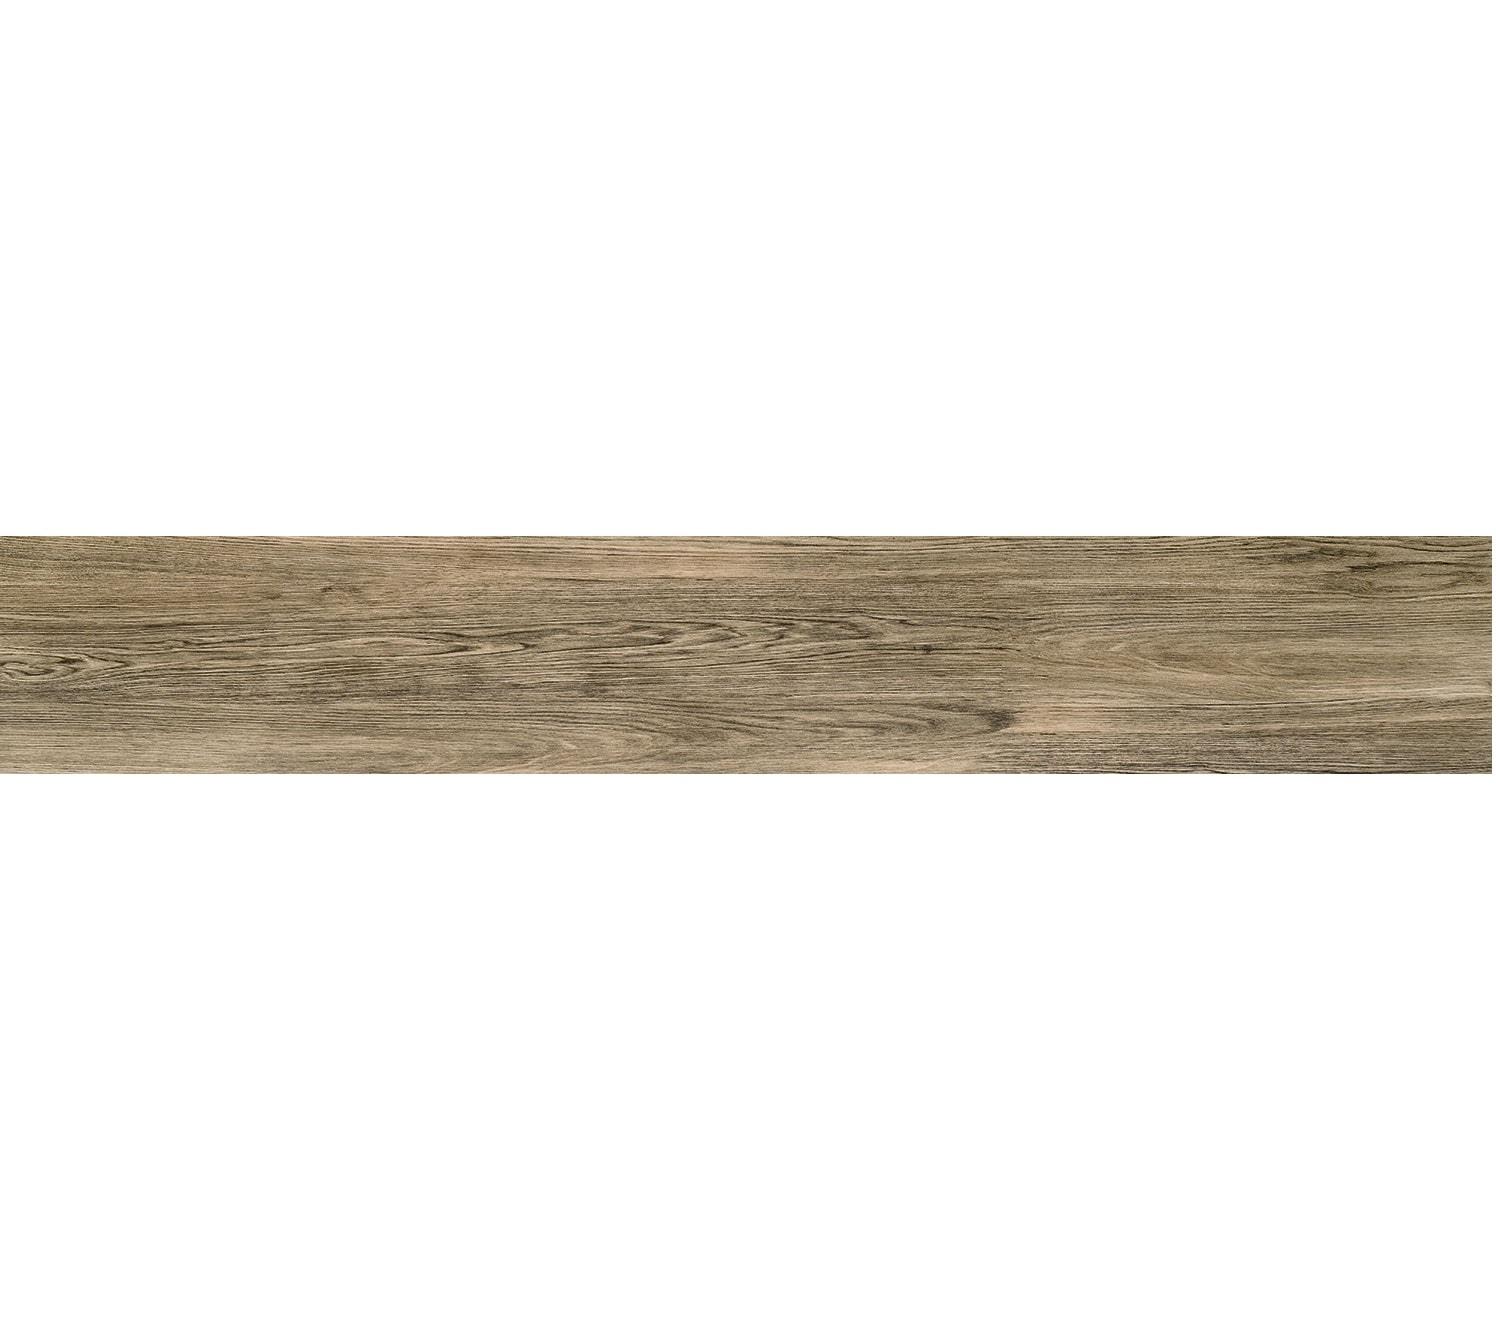 Płytka podłogowa Tubądzin Terrane Brown POL 119,8x19cm tubTerBroPol119,8x19